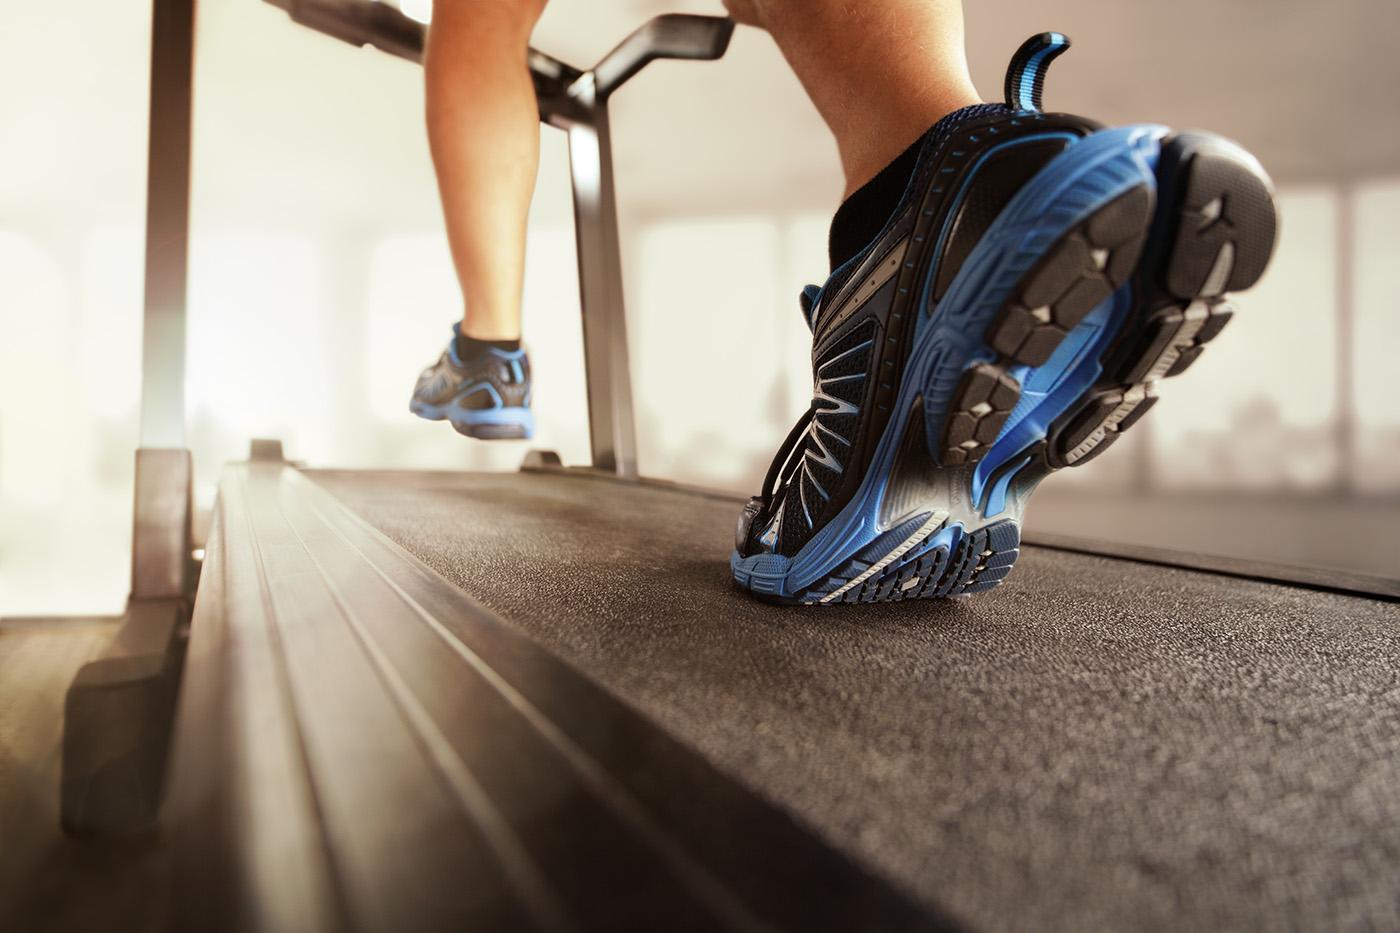 Las cintas de correr son las máquinas de gimnasio que más calorías queman